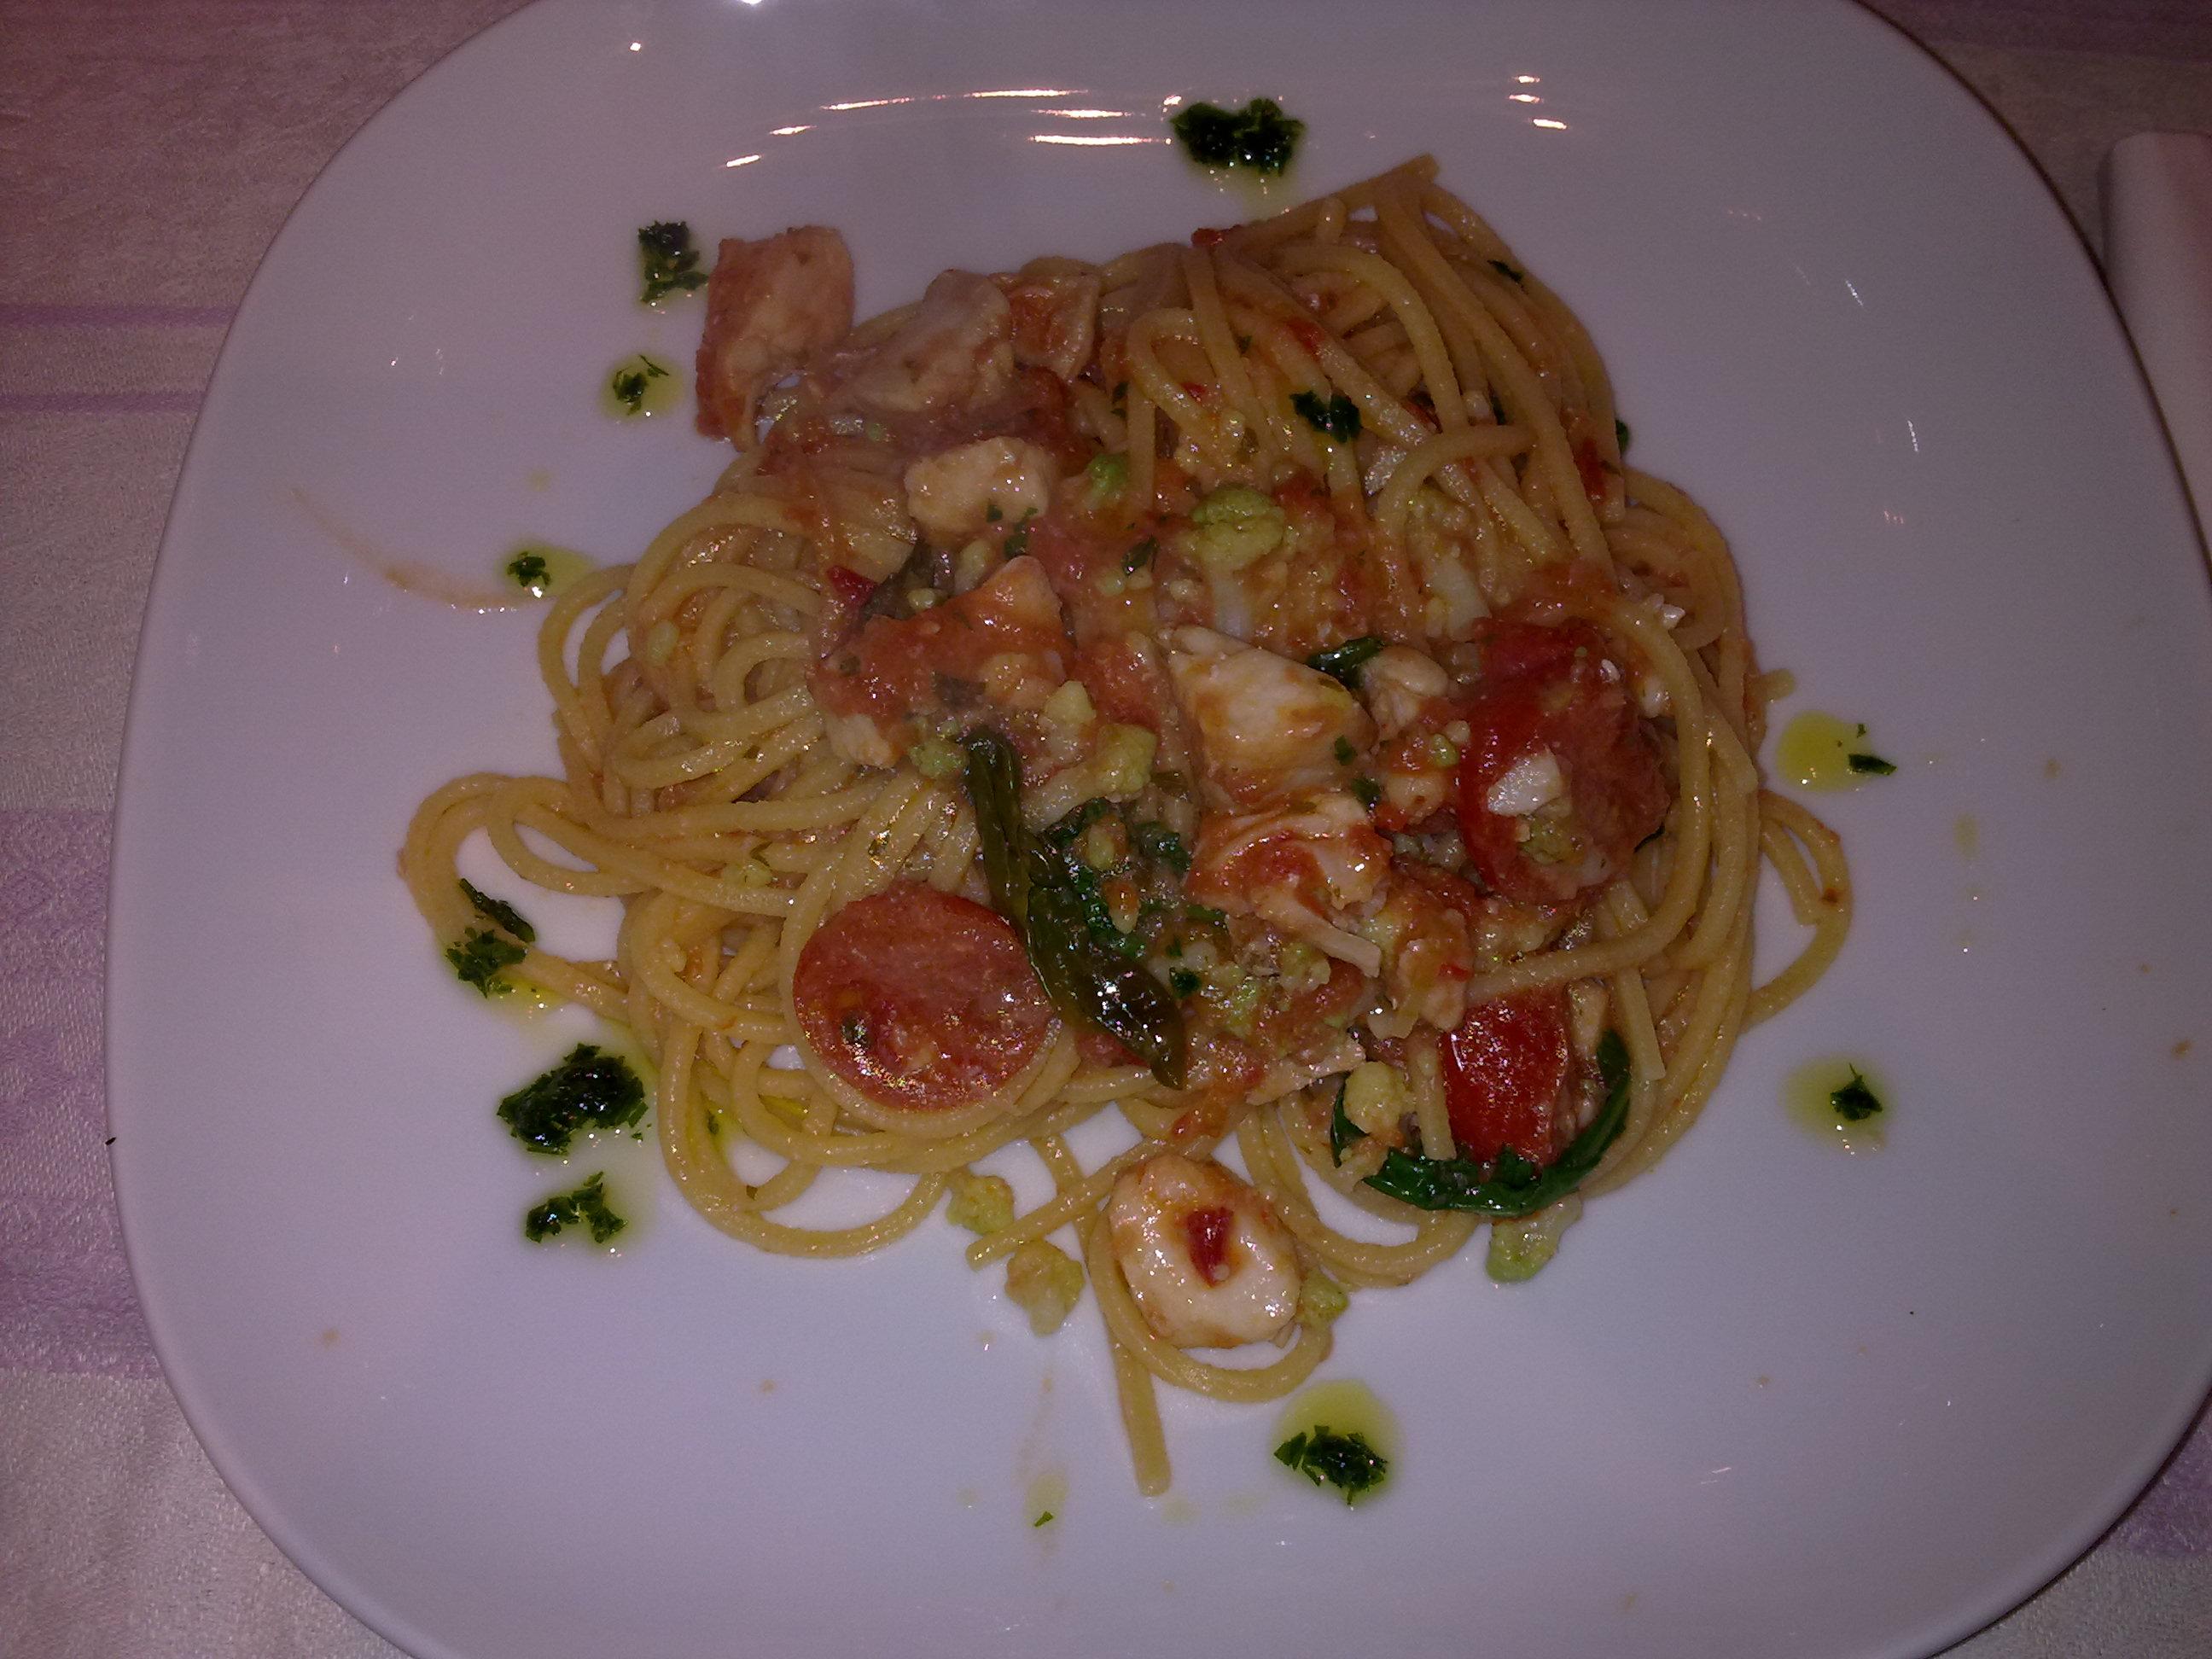 Spaghetti alla chitarra con ragout di pesce cappone e broccoletti romaneschi